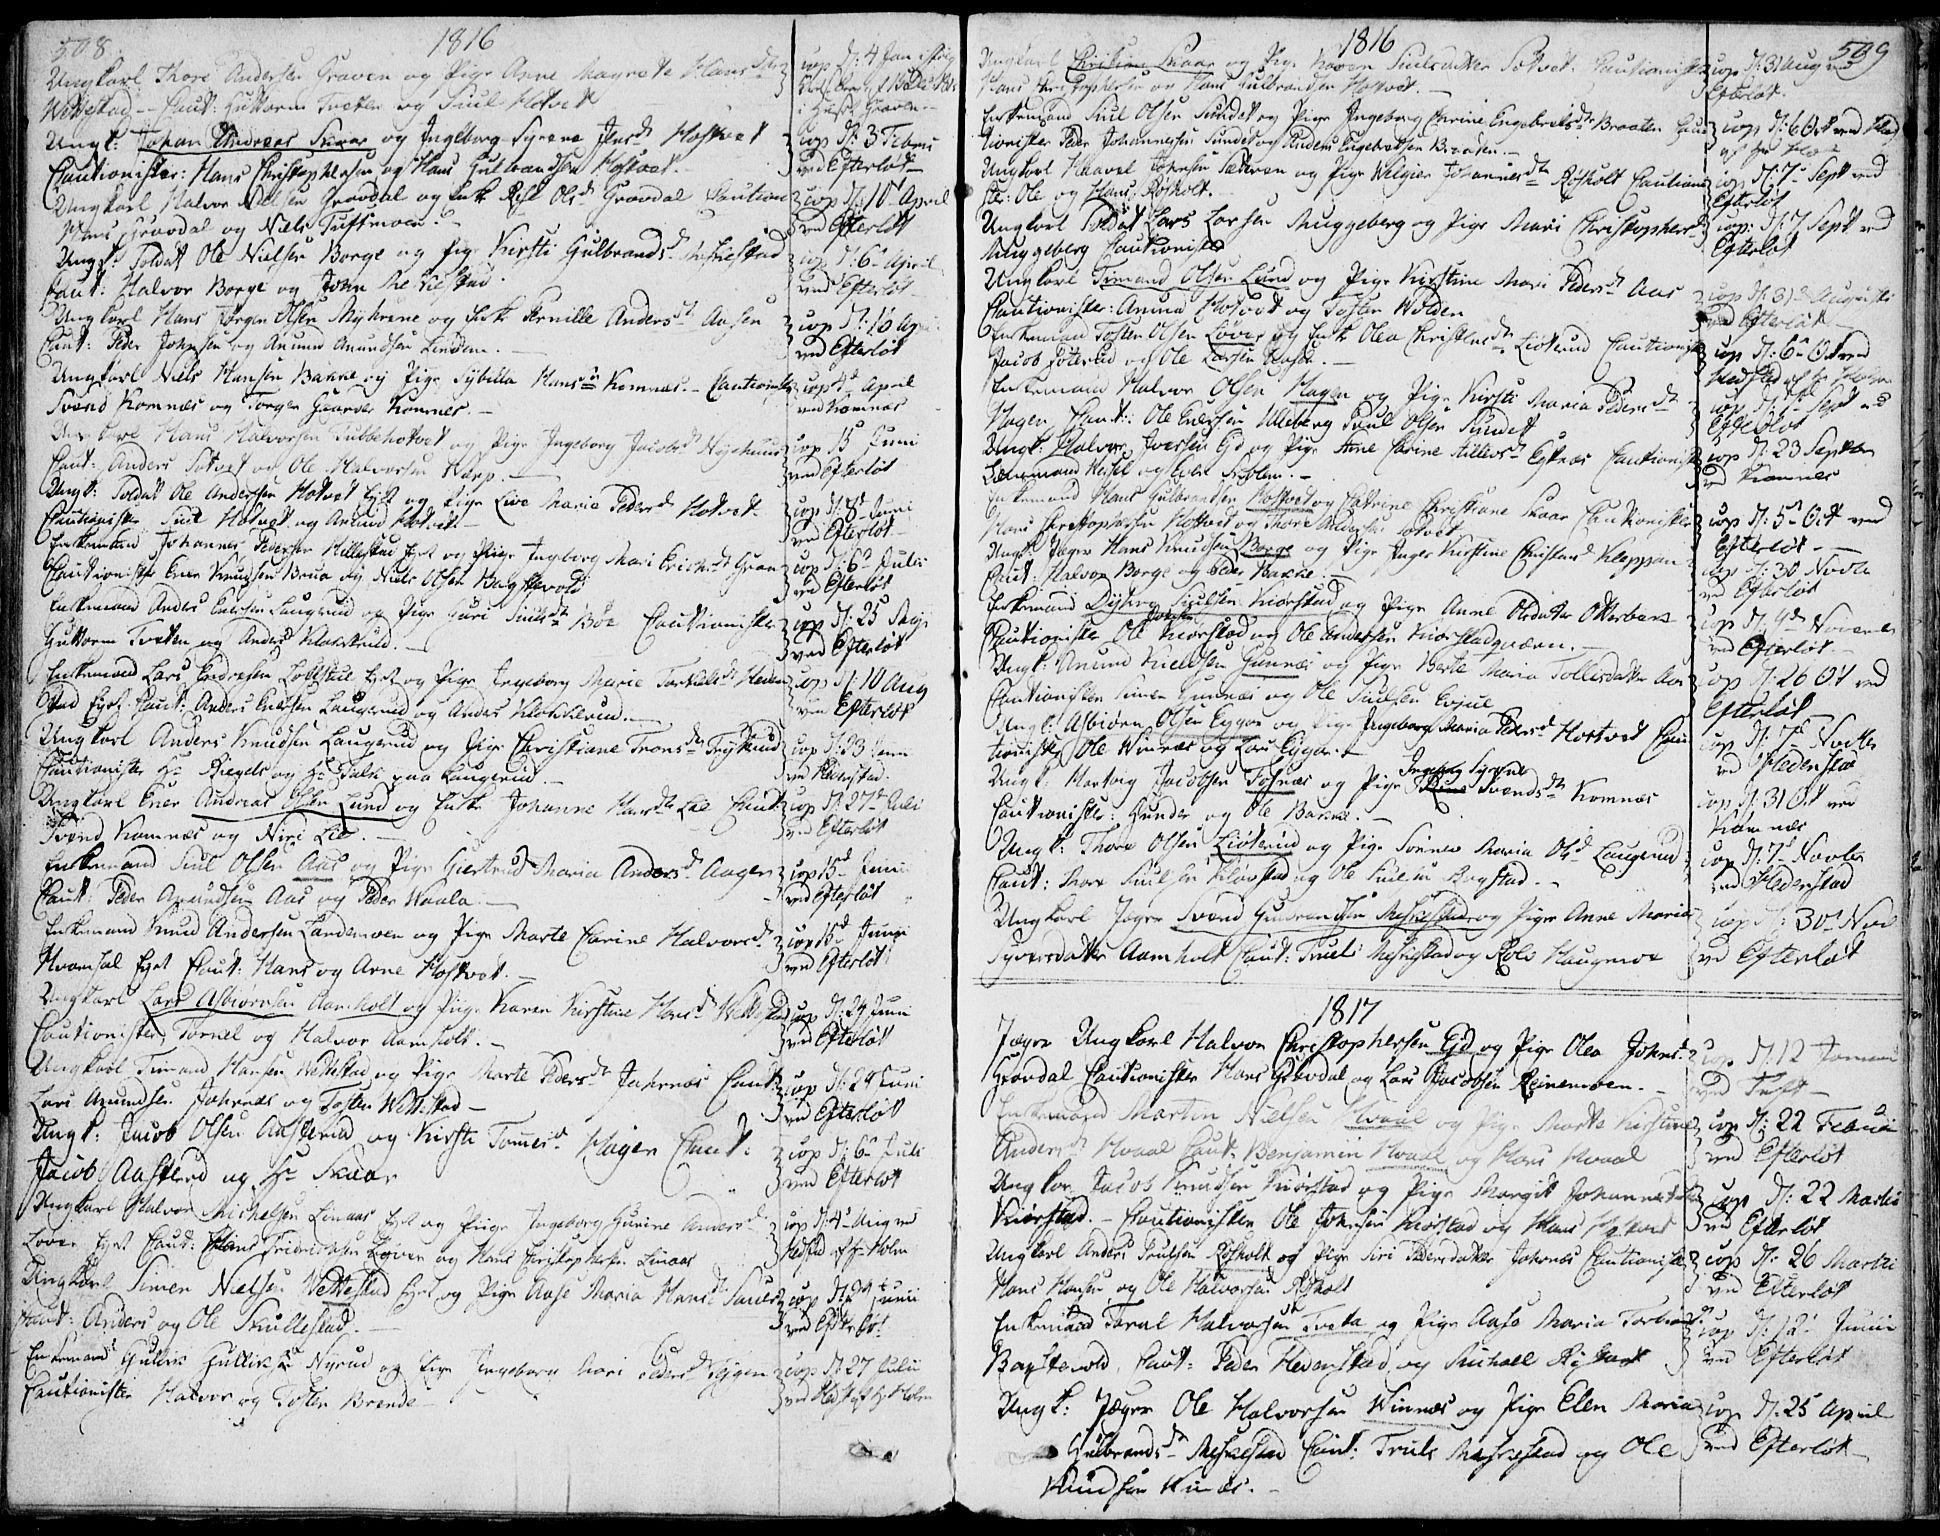 SAKO, Sandsvær kirkebøker, F/Fa/L0003: Ministerialbok nr. I 3, 1809-1817, s. 508-509